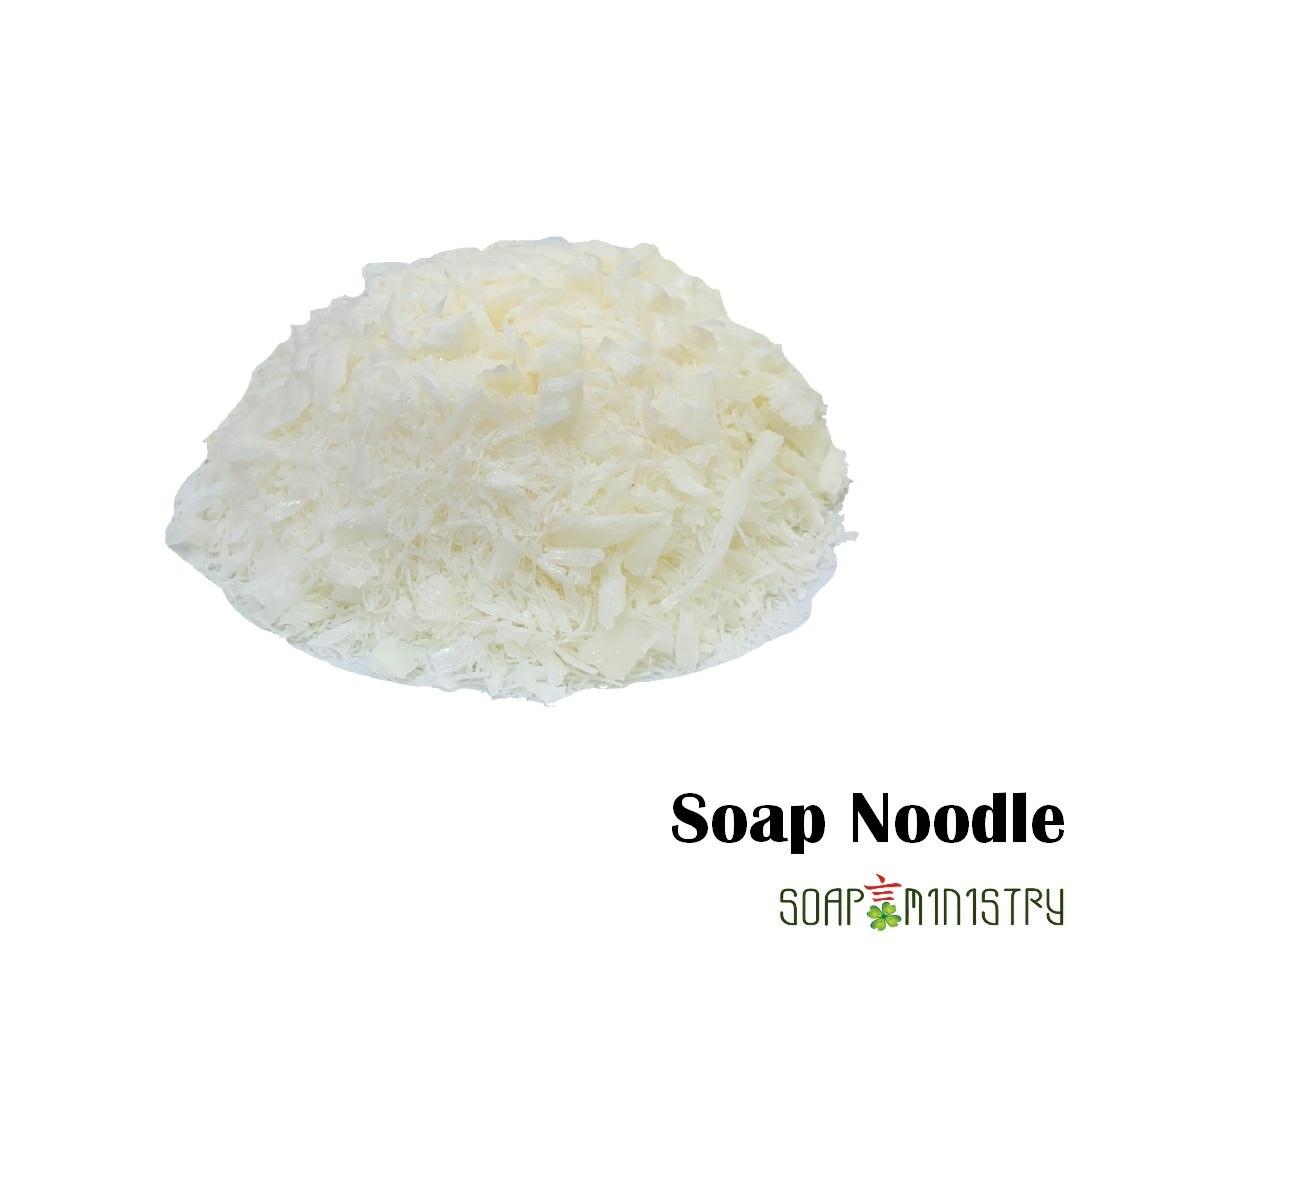 Soap Noodle 150g